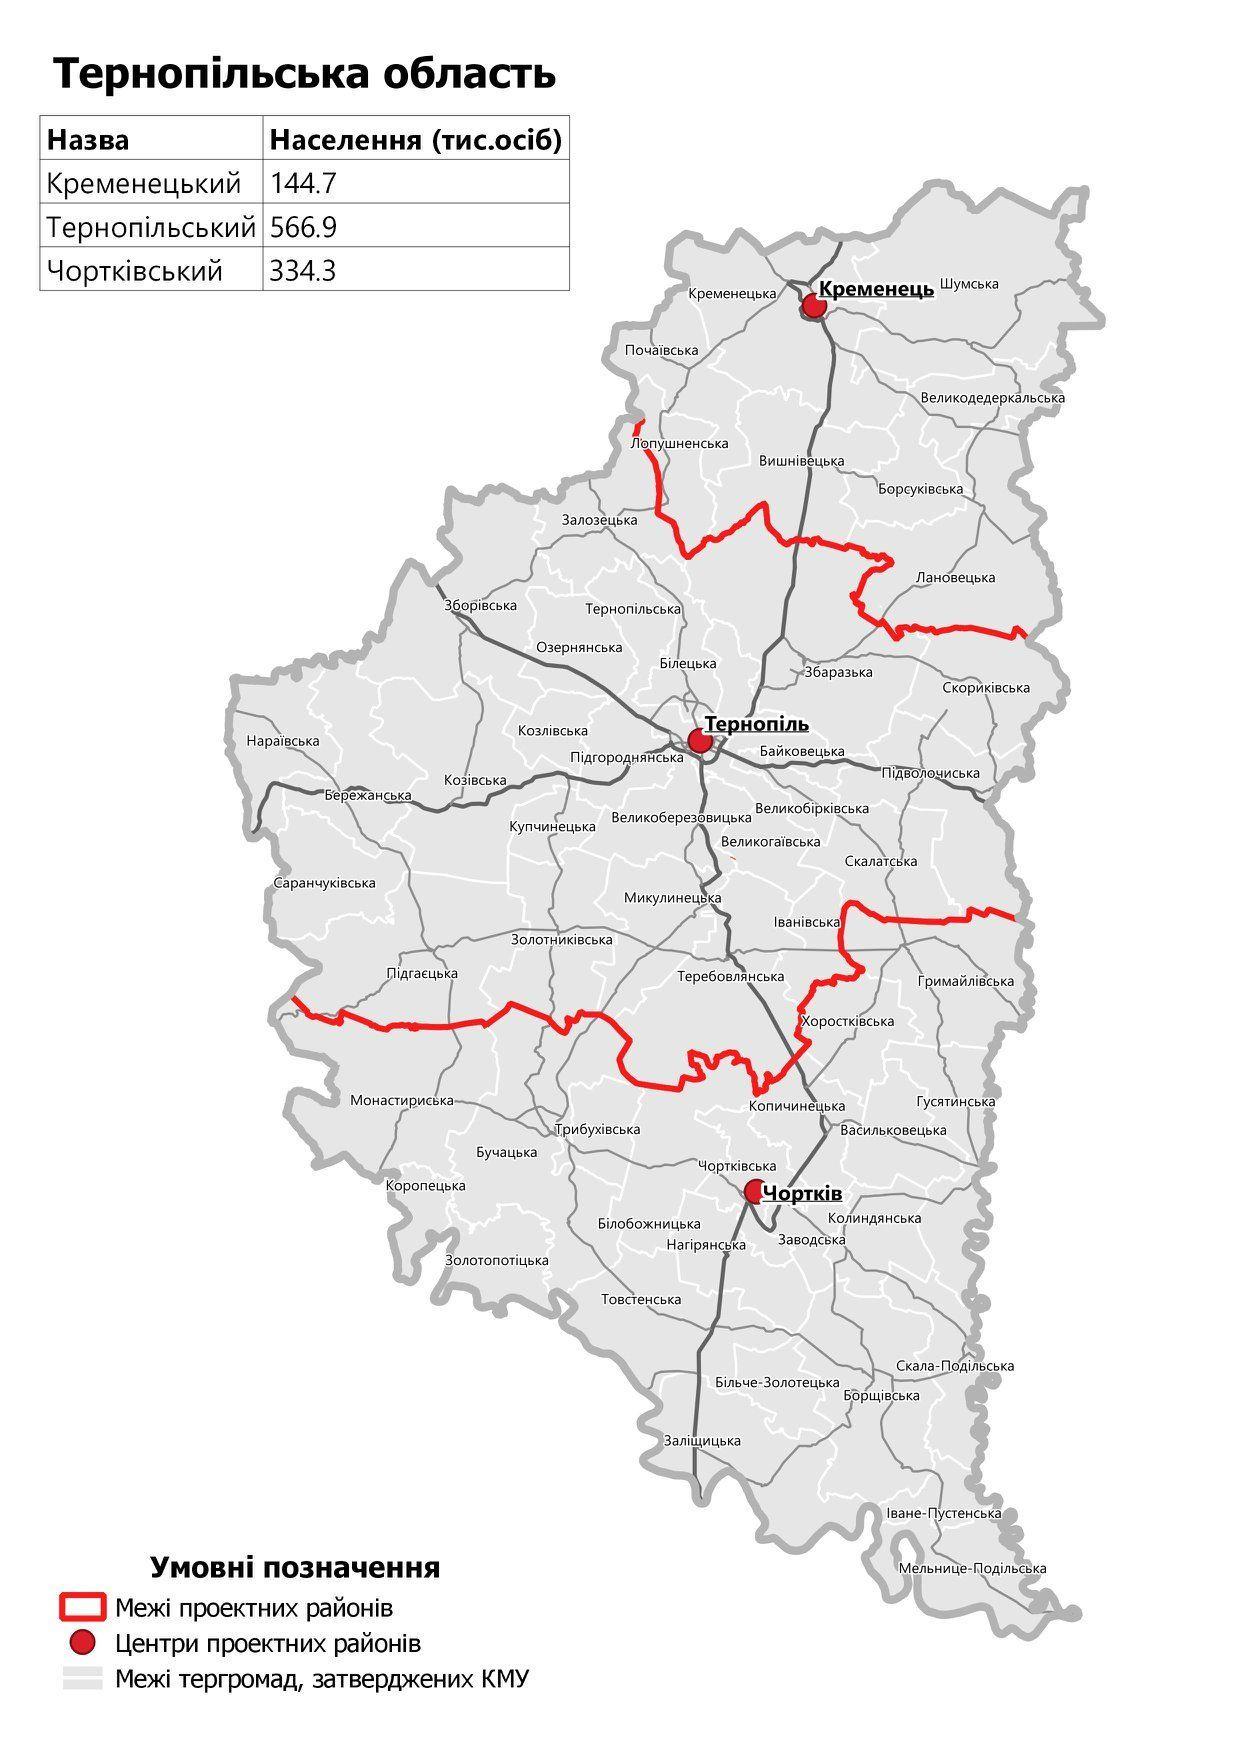 Мапа нових районів_6